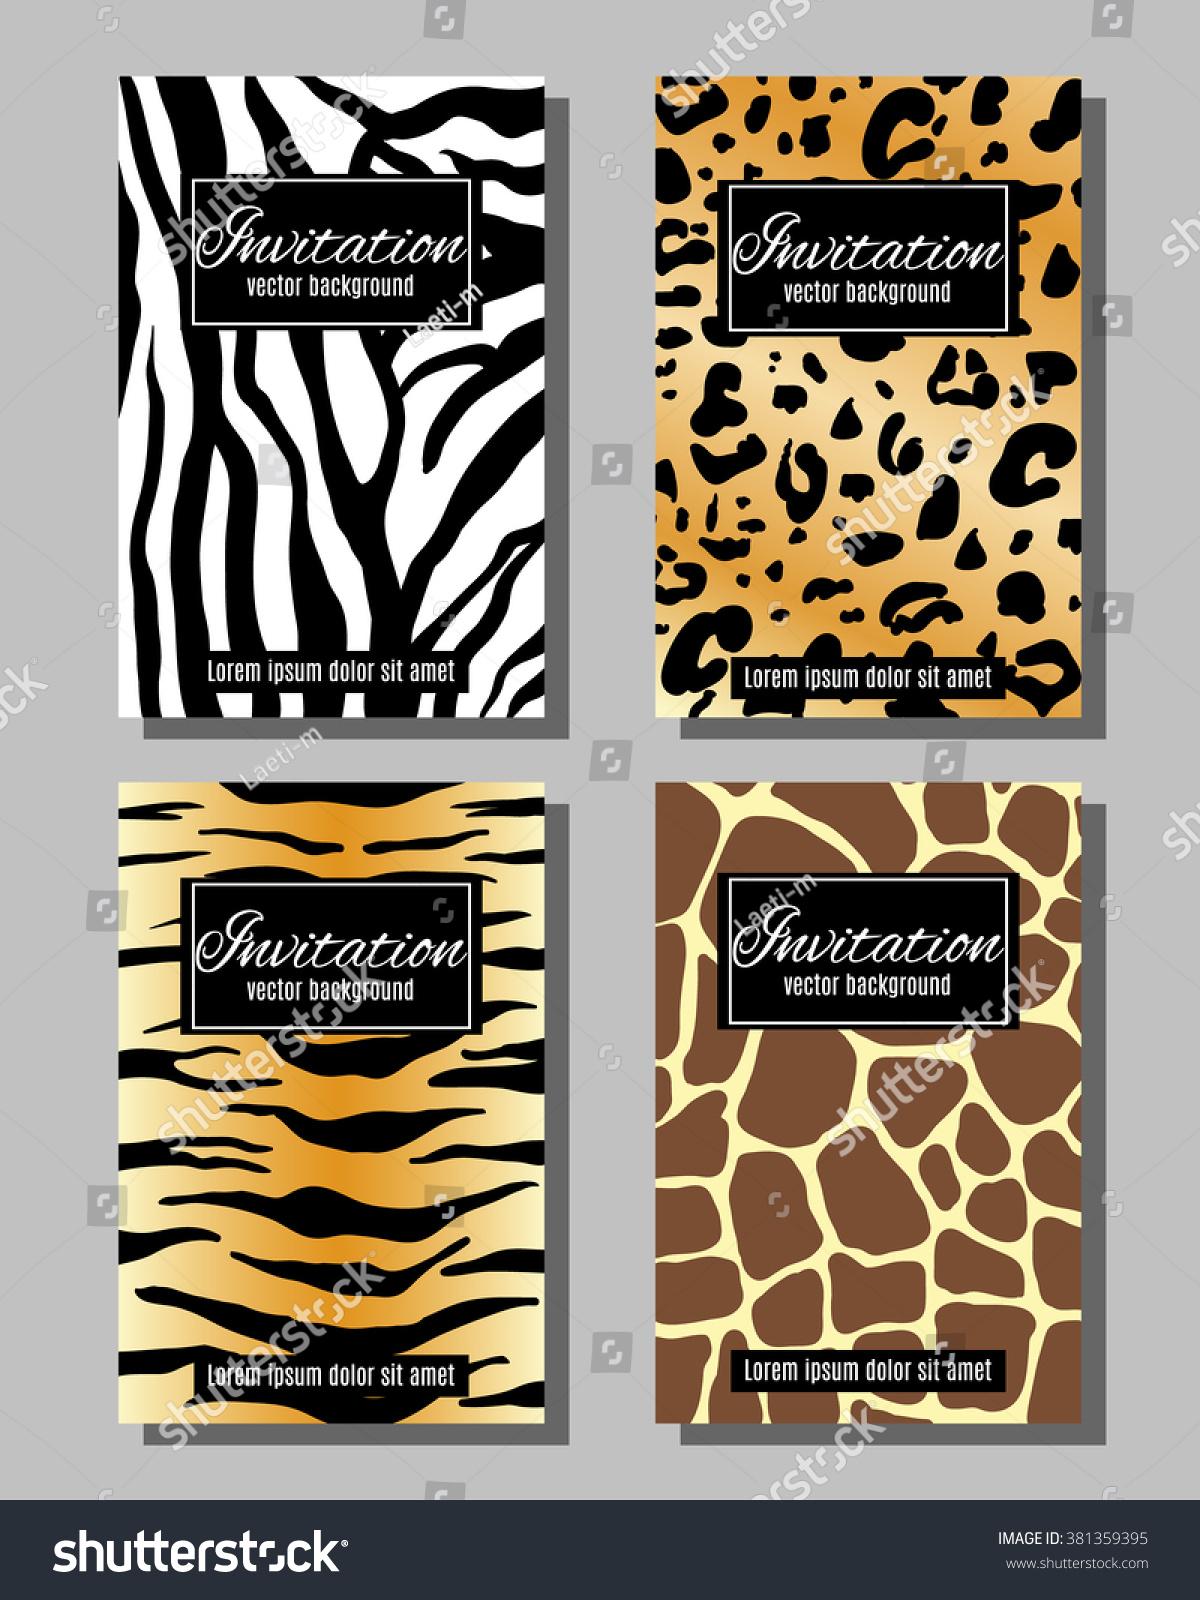 giraffe cut out template